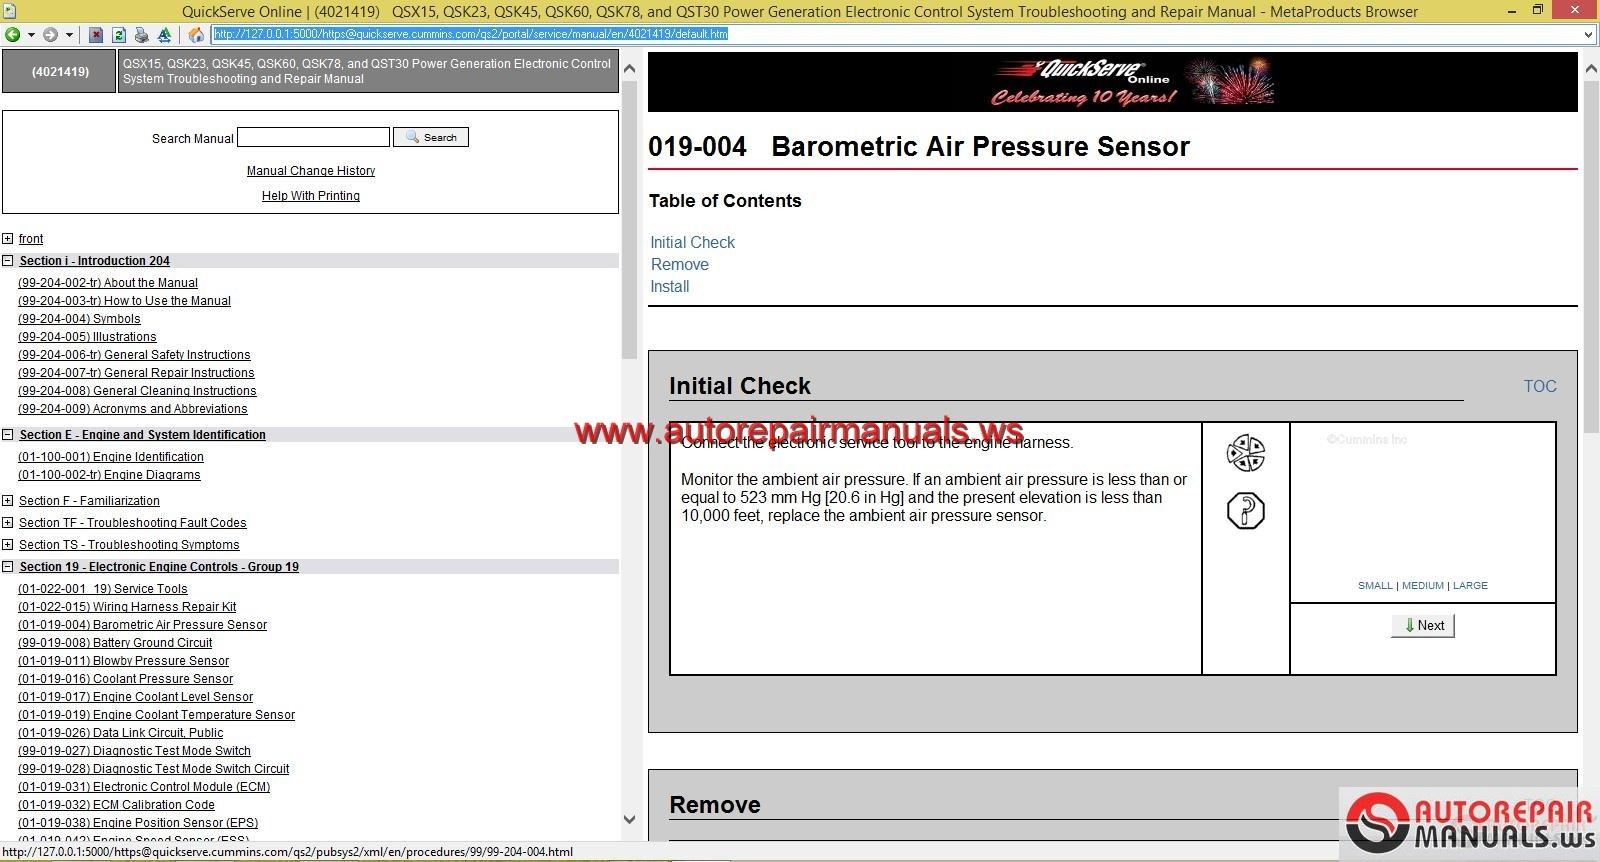 Cummins qsx15 qsk23 qsk45 qsk60 qsk78 and qst30 power generati img cheapraybanclubmaster Choice Image